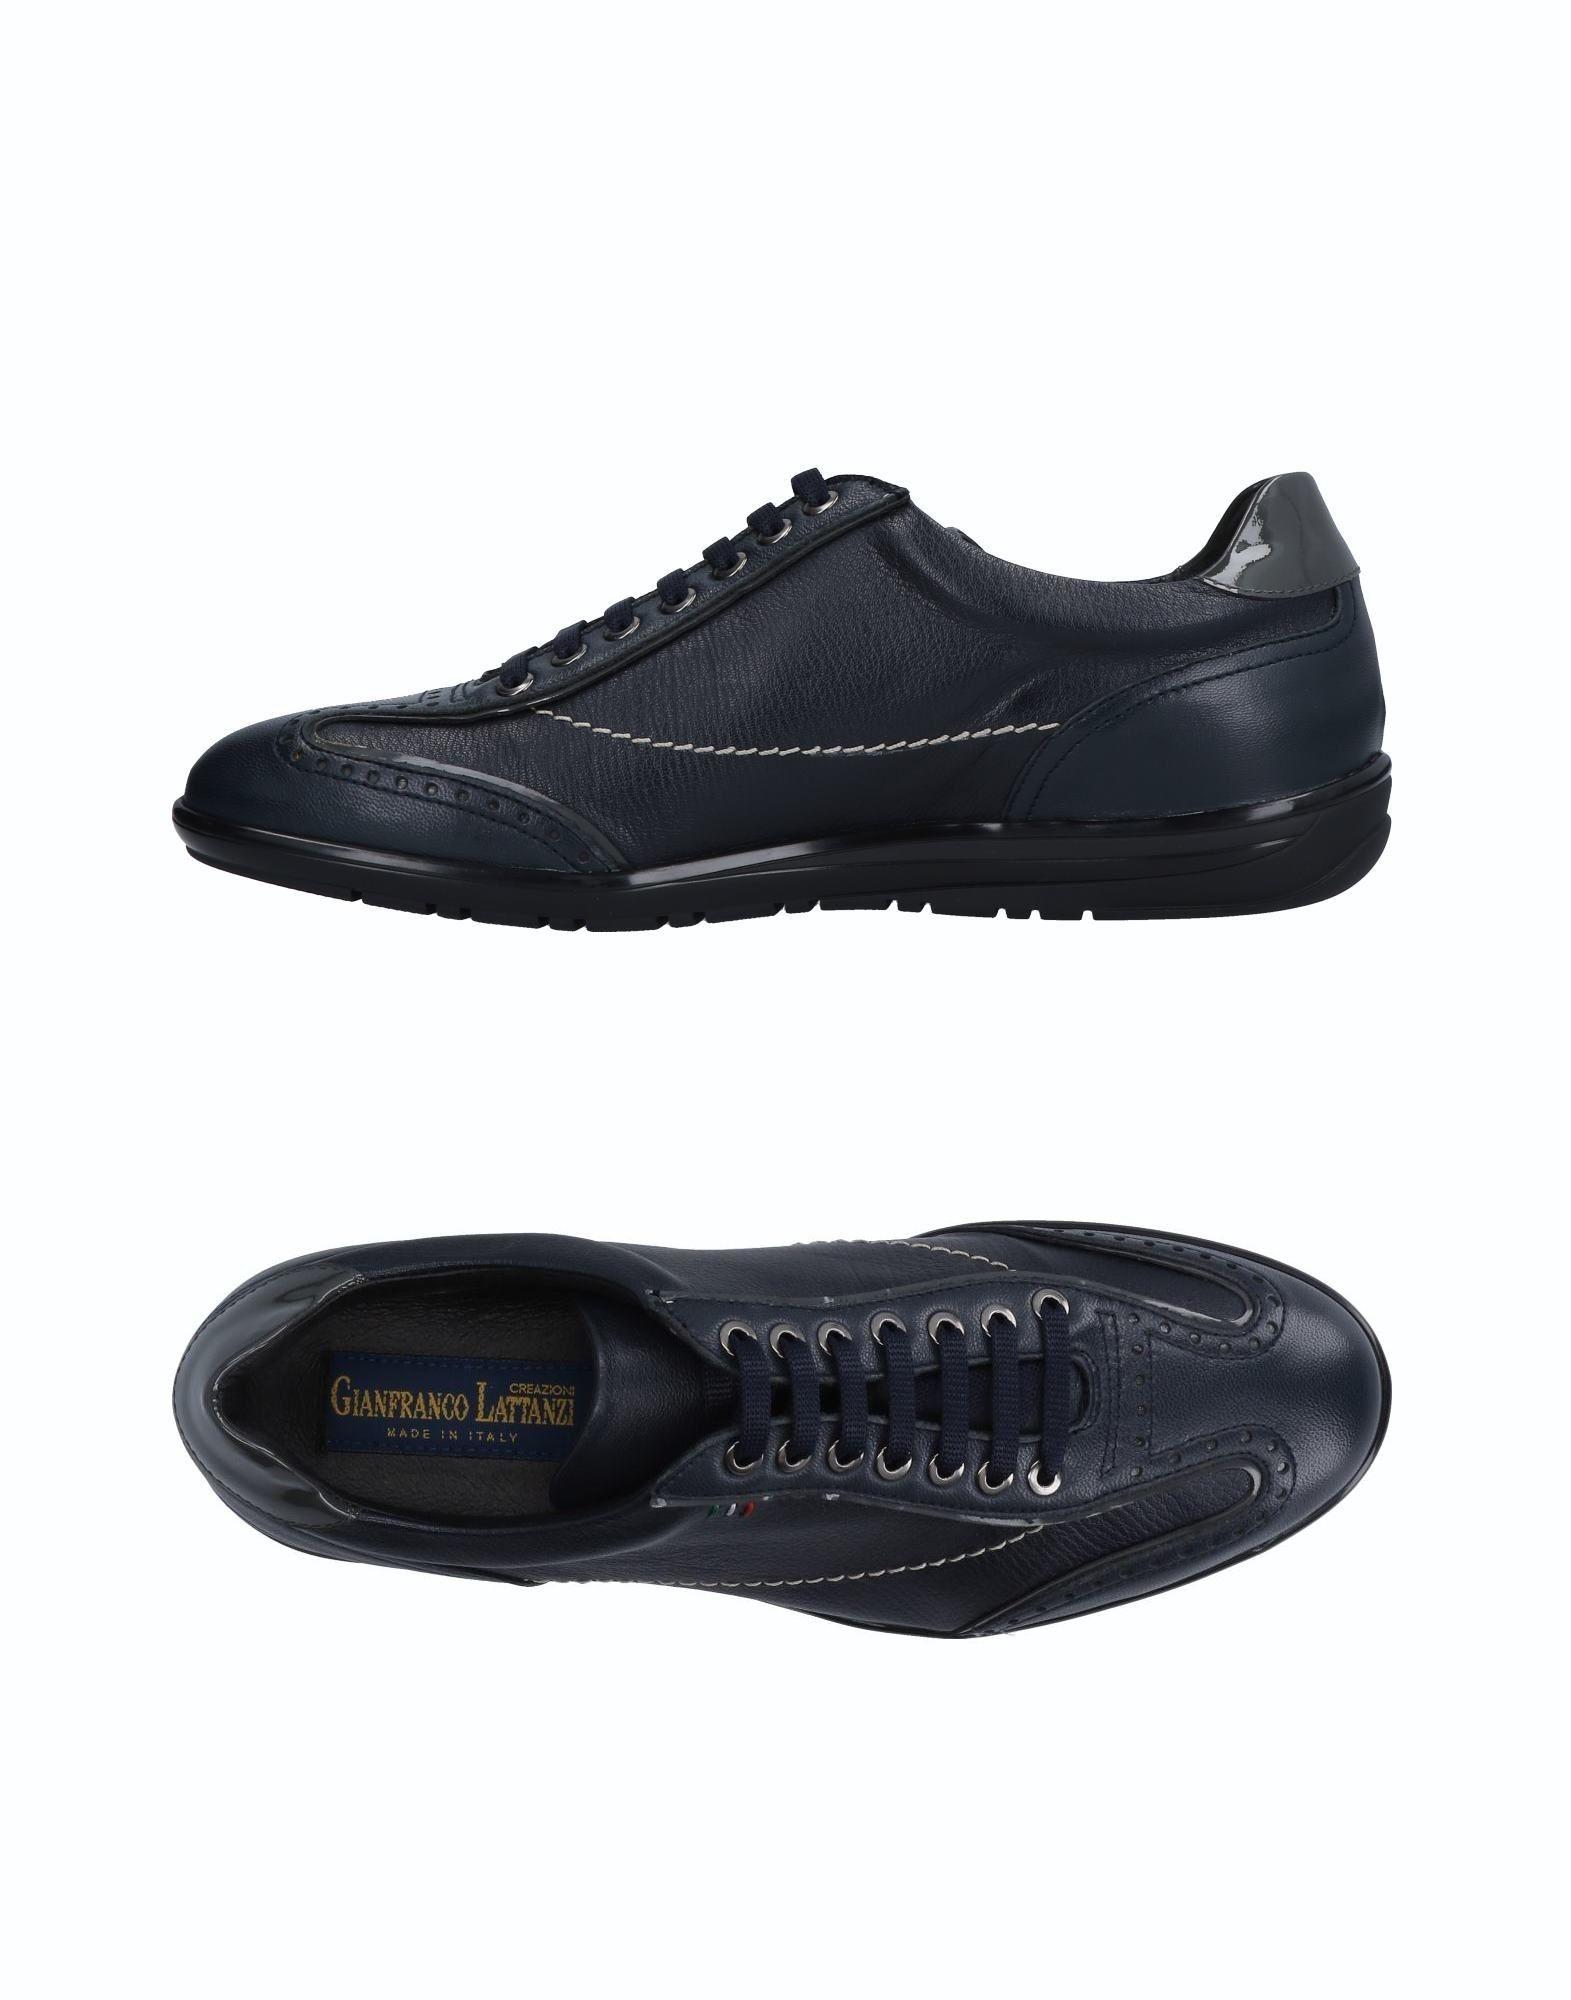 Sneakers Gianfranco Lattanzi Homme - Sneakers Gianfranco Lattanzi  Noir Nouvelles chaussures pour hommes et femmes, remise limitée dans le temps